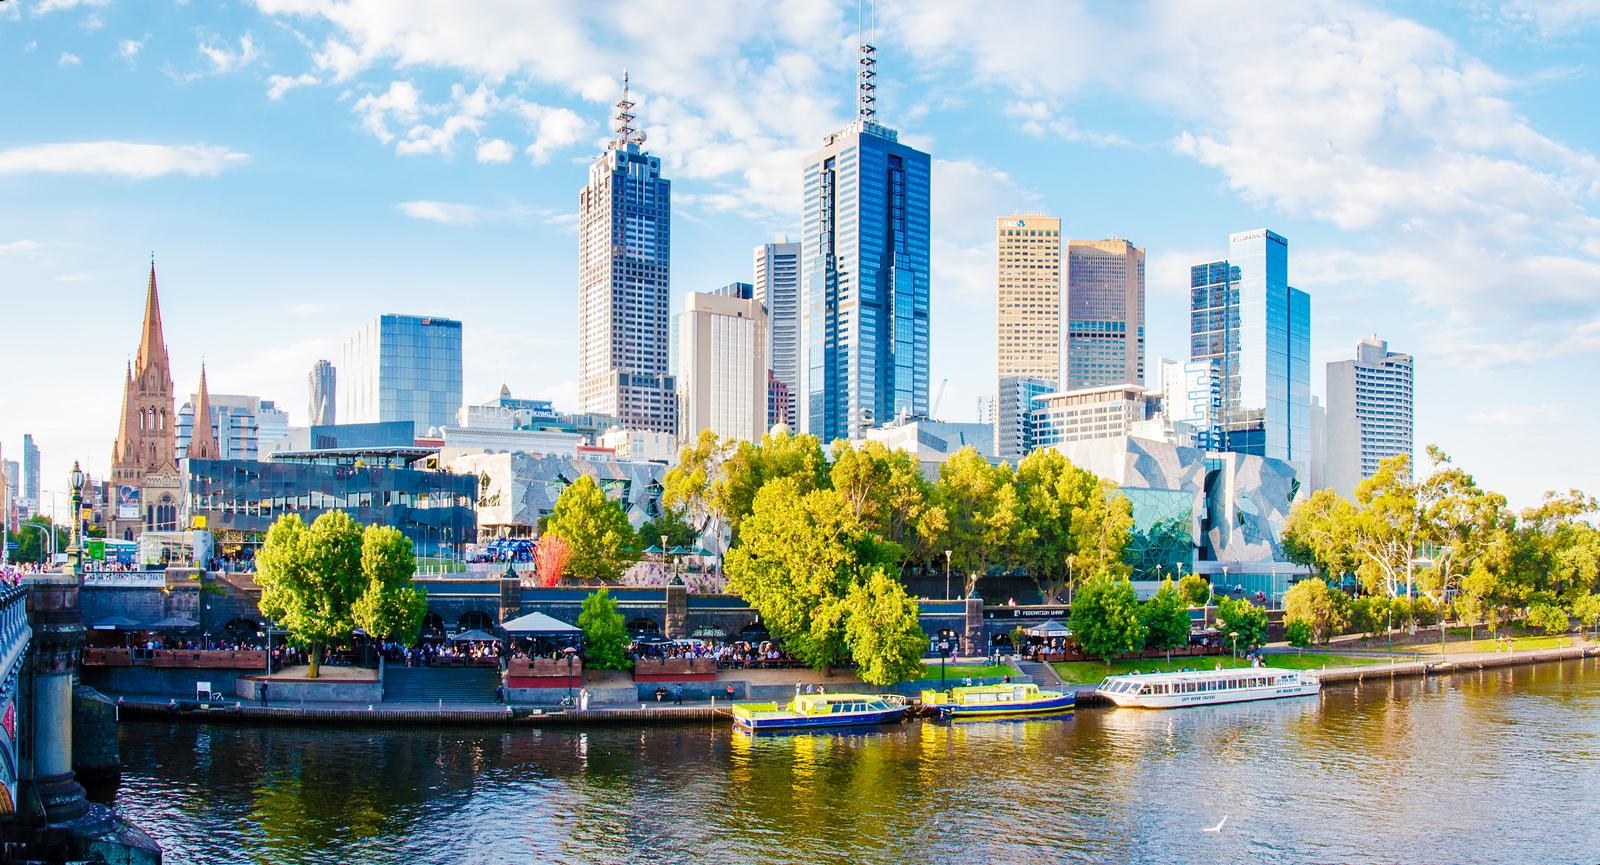 Lavorare In Australia Come Architetto trasferirsi in australia sarà più difficile, abolito il